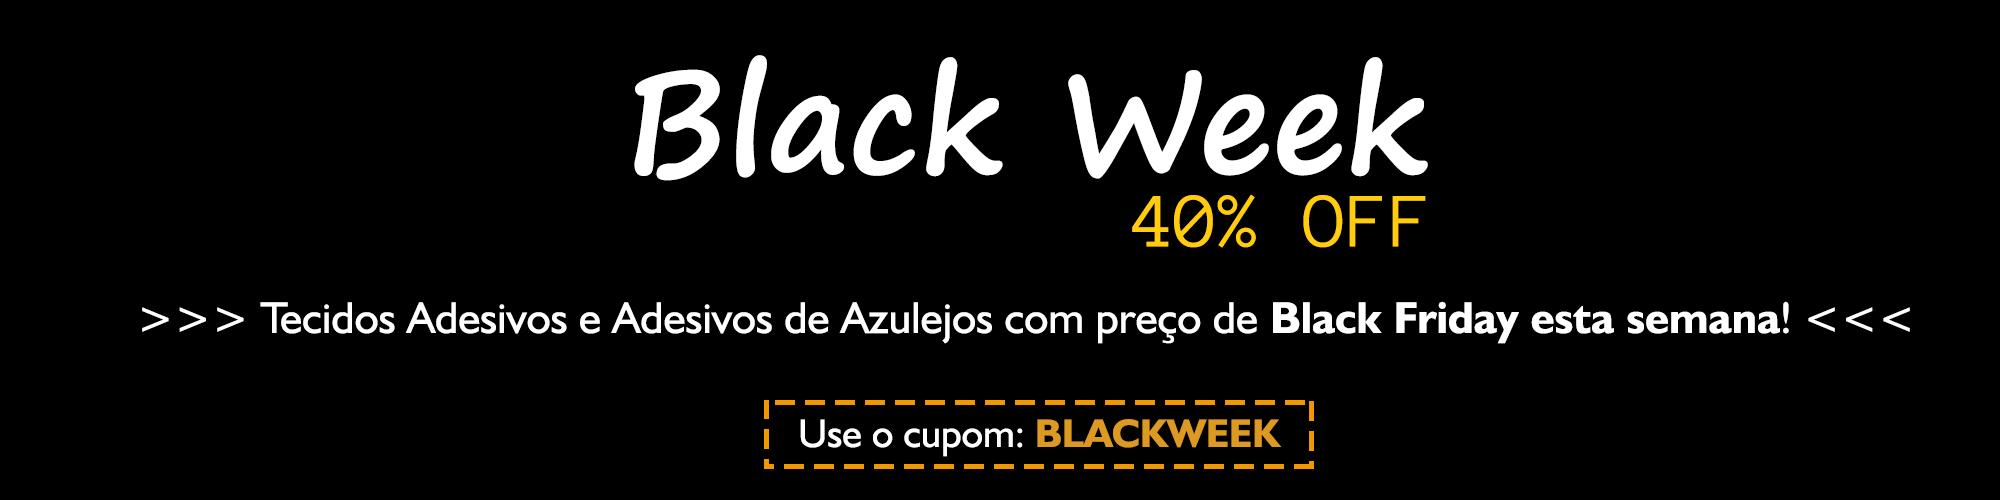 banner-black-week